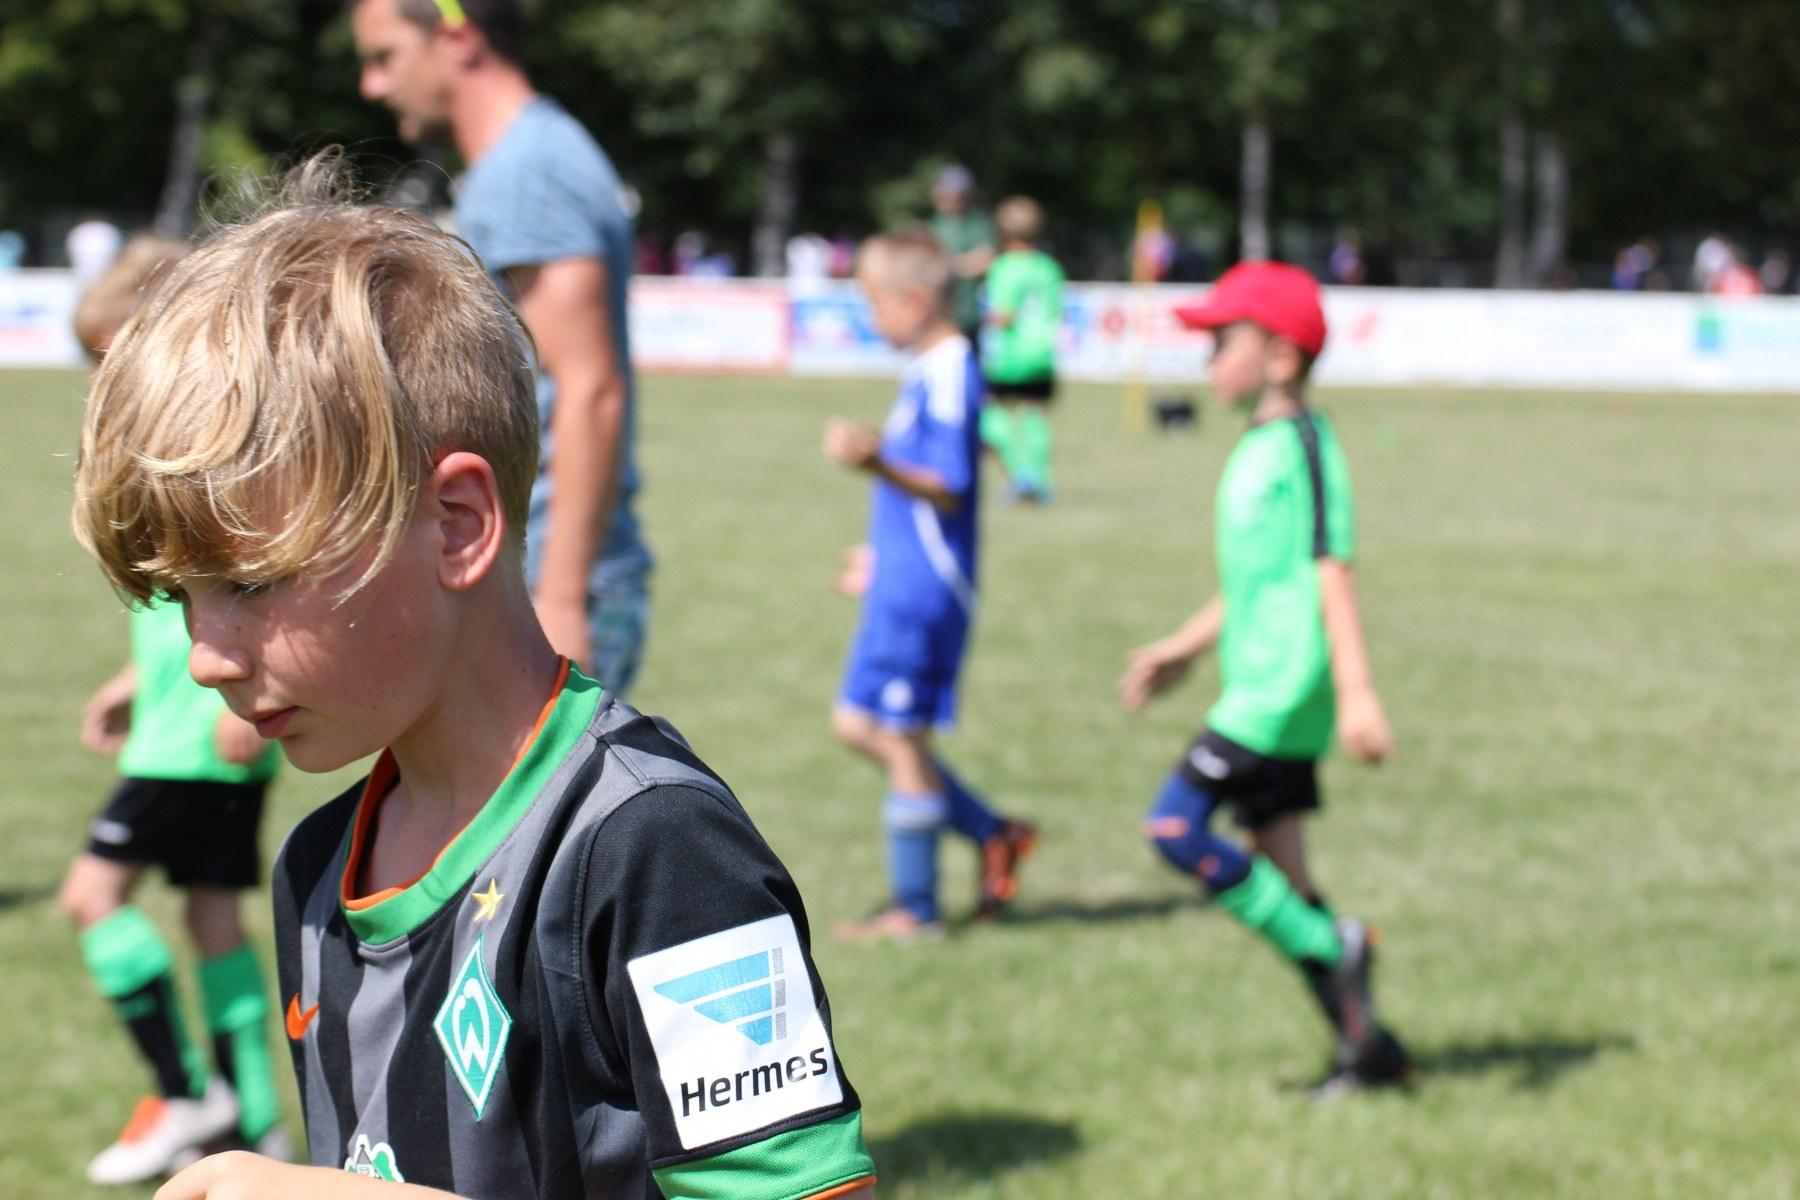 2019-06-29-Jugendtag-5